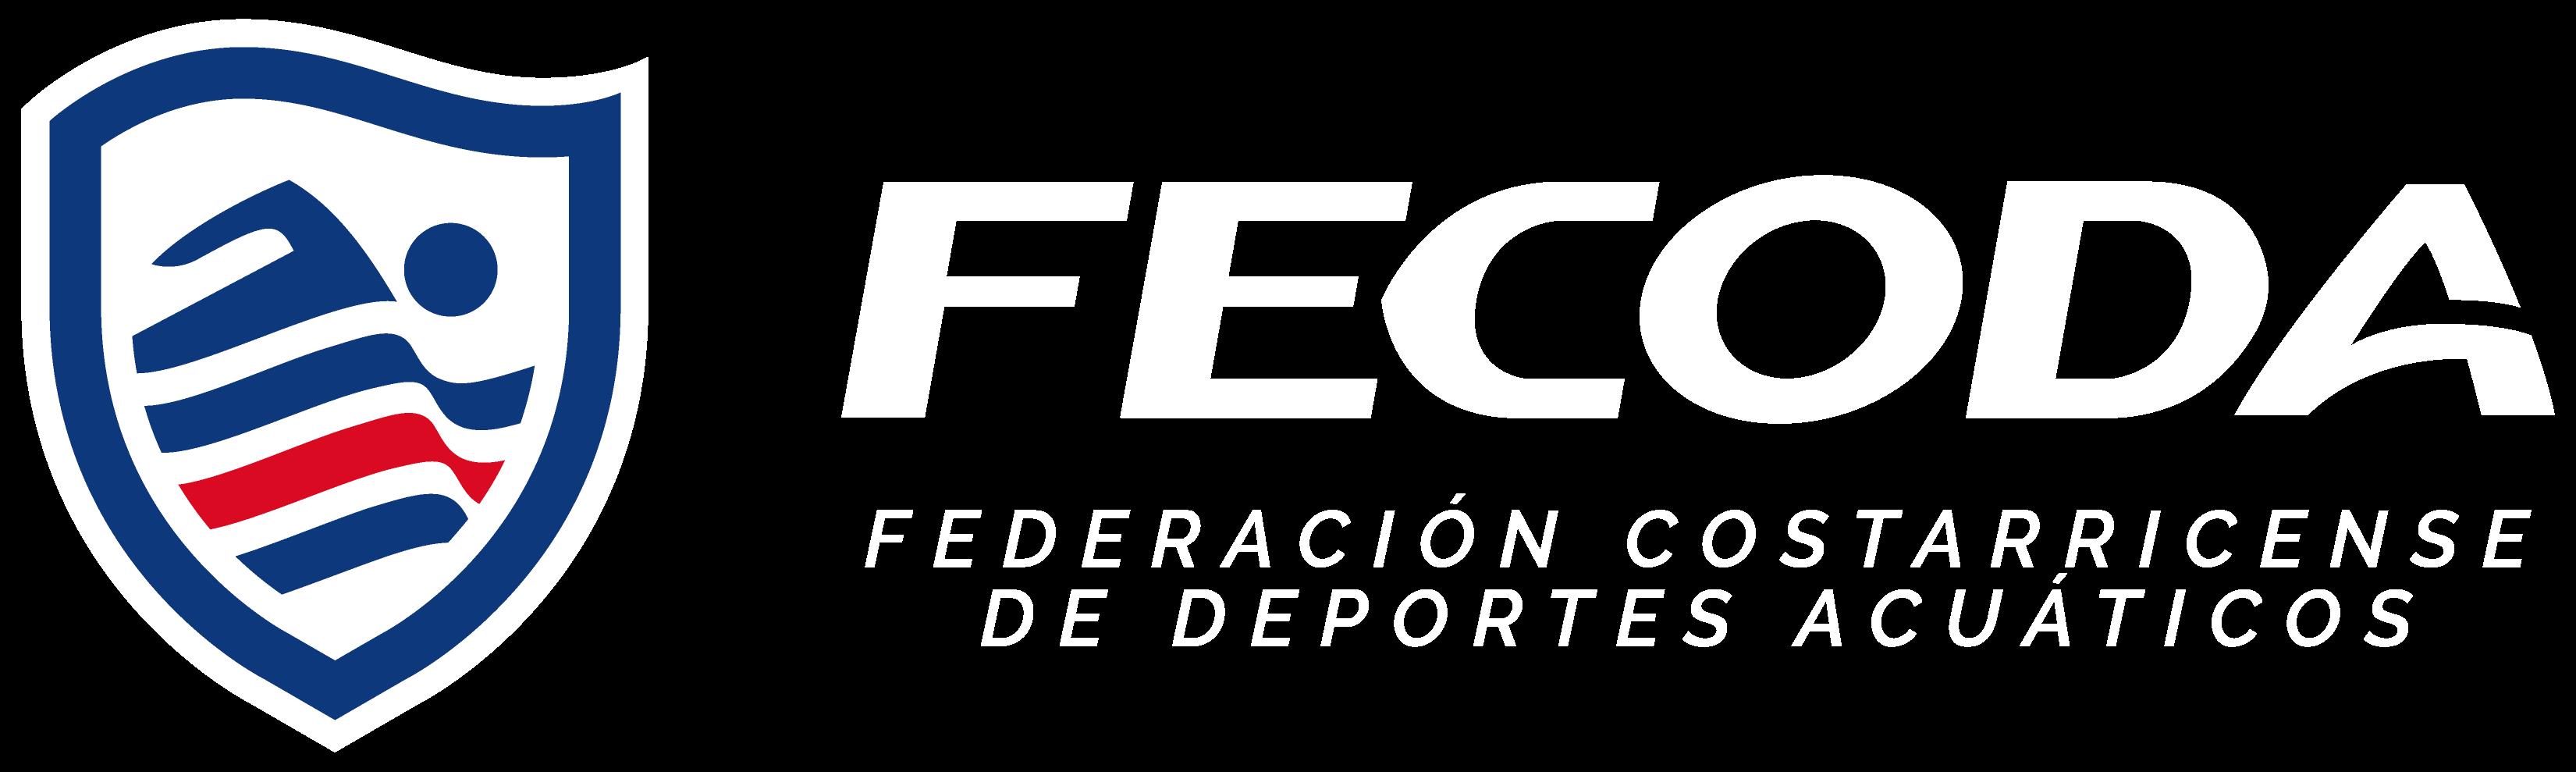 FECODA